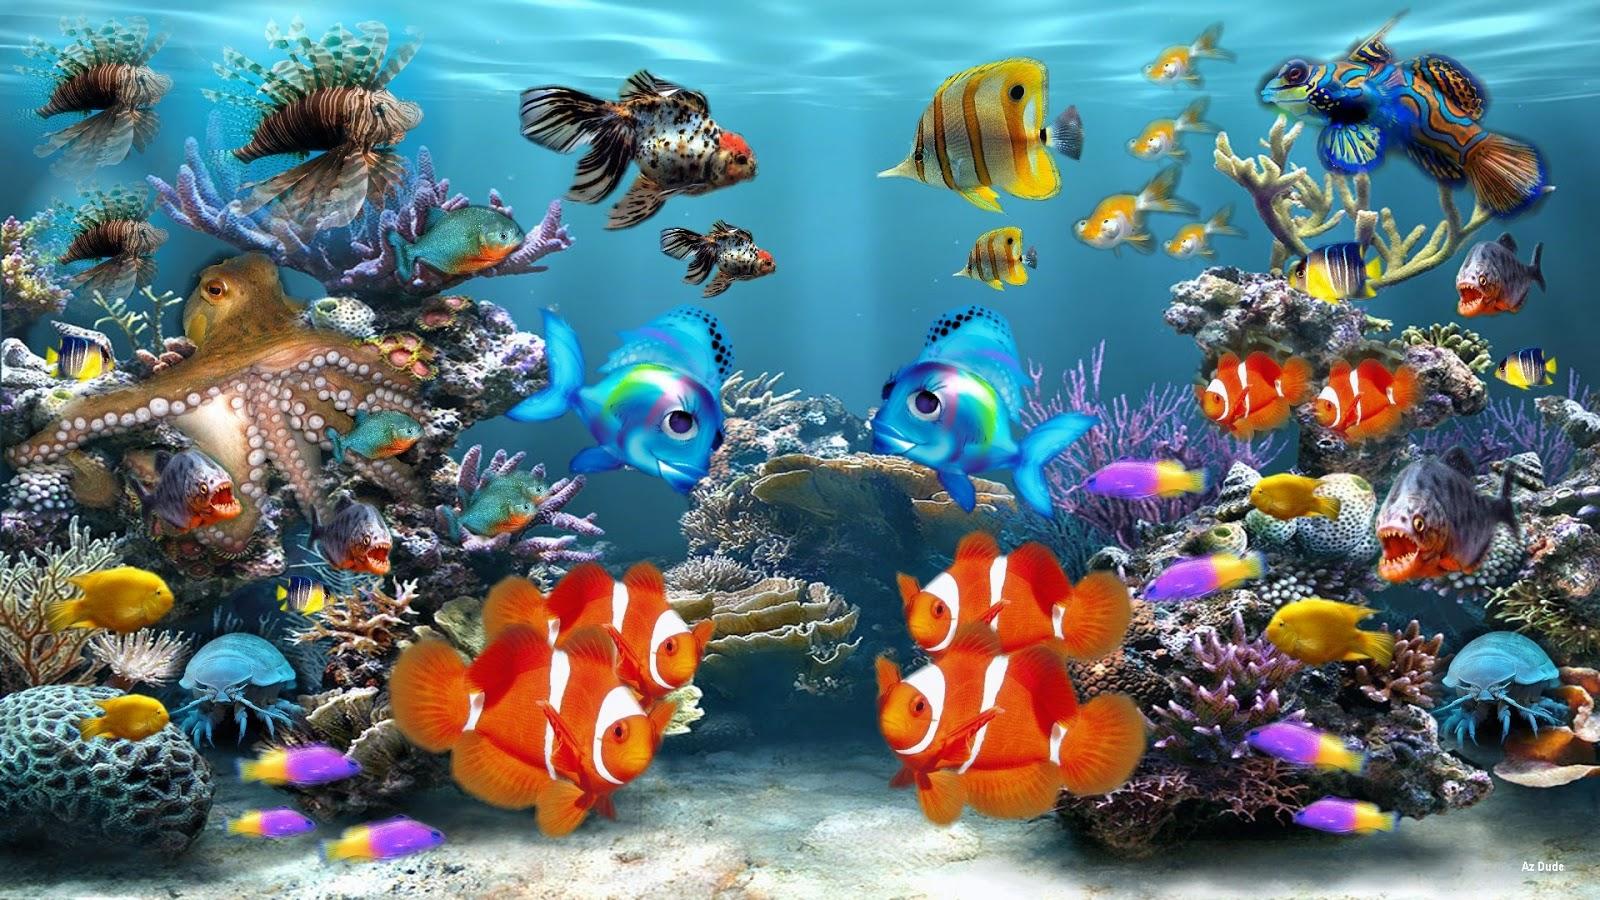 Aquarium hd wallpaper, aquarium wallpaper - Best 2 Travel Wallpaper